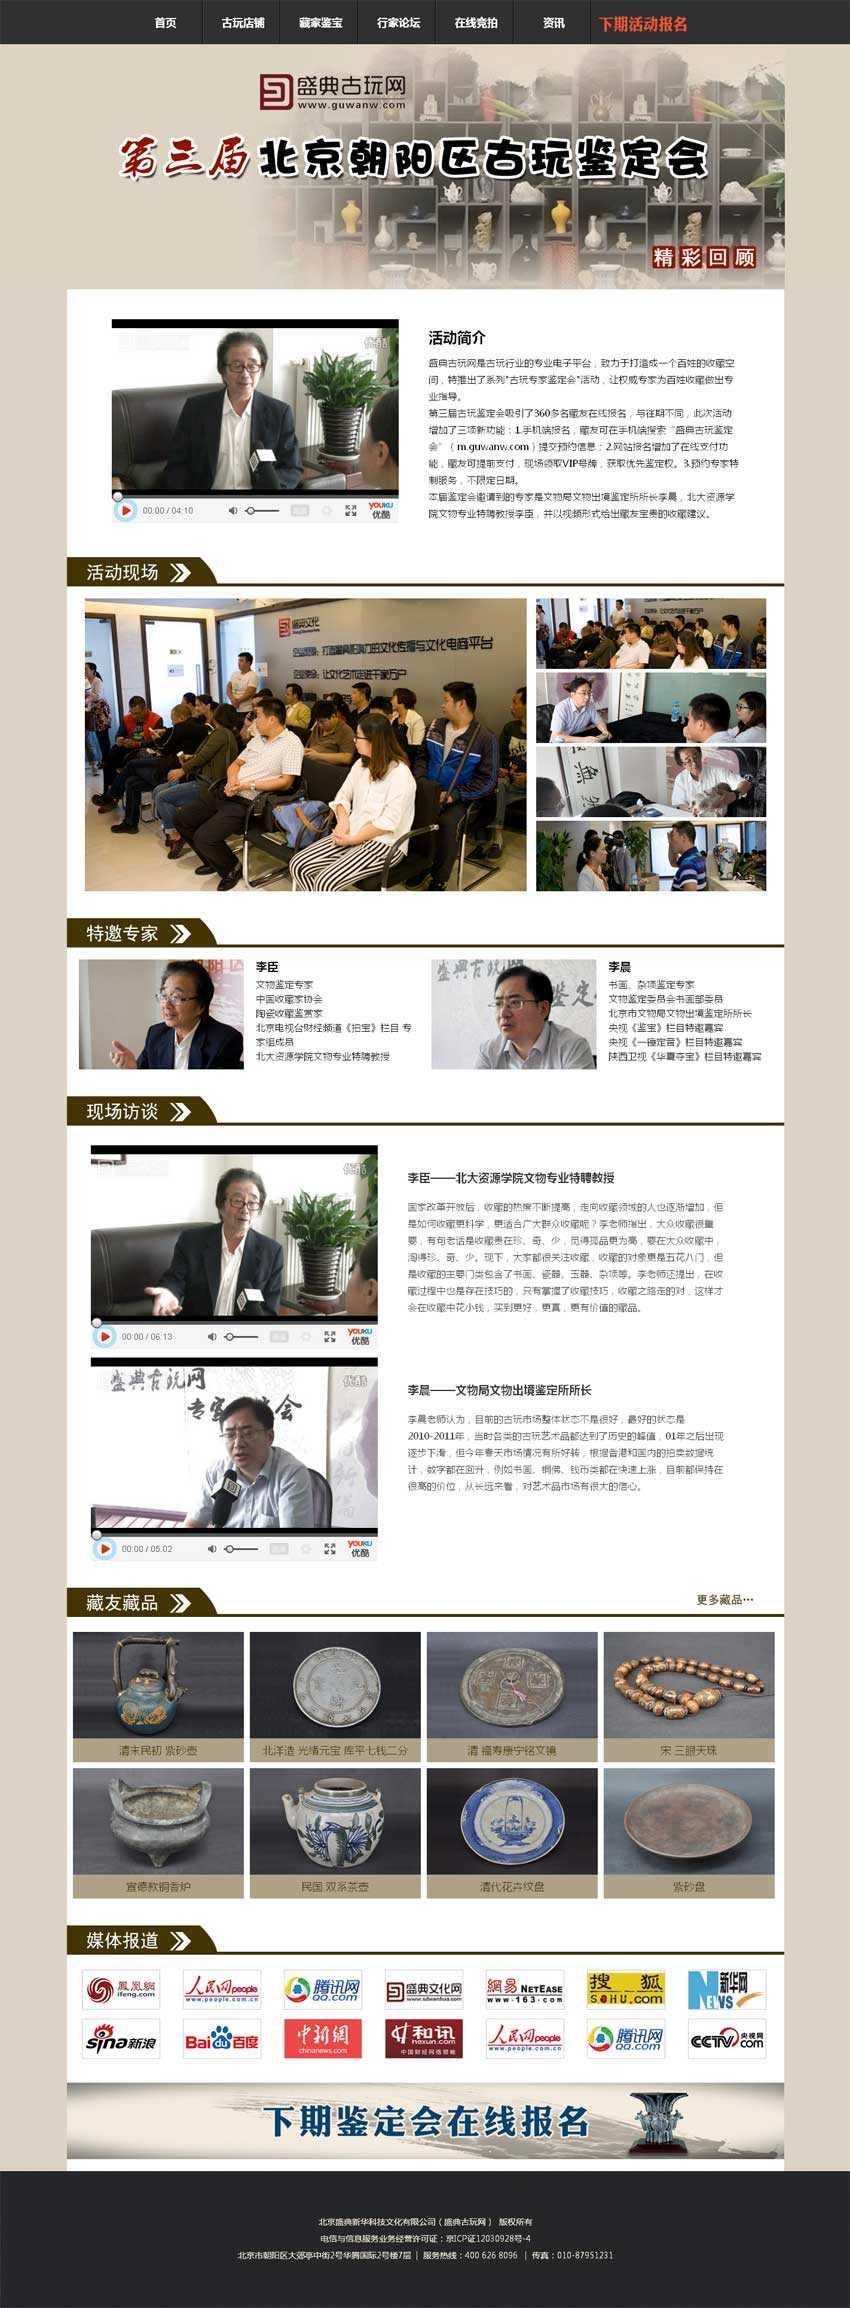 古玩鉴定会企业网站专题模板html源码